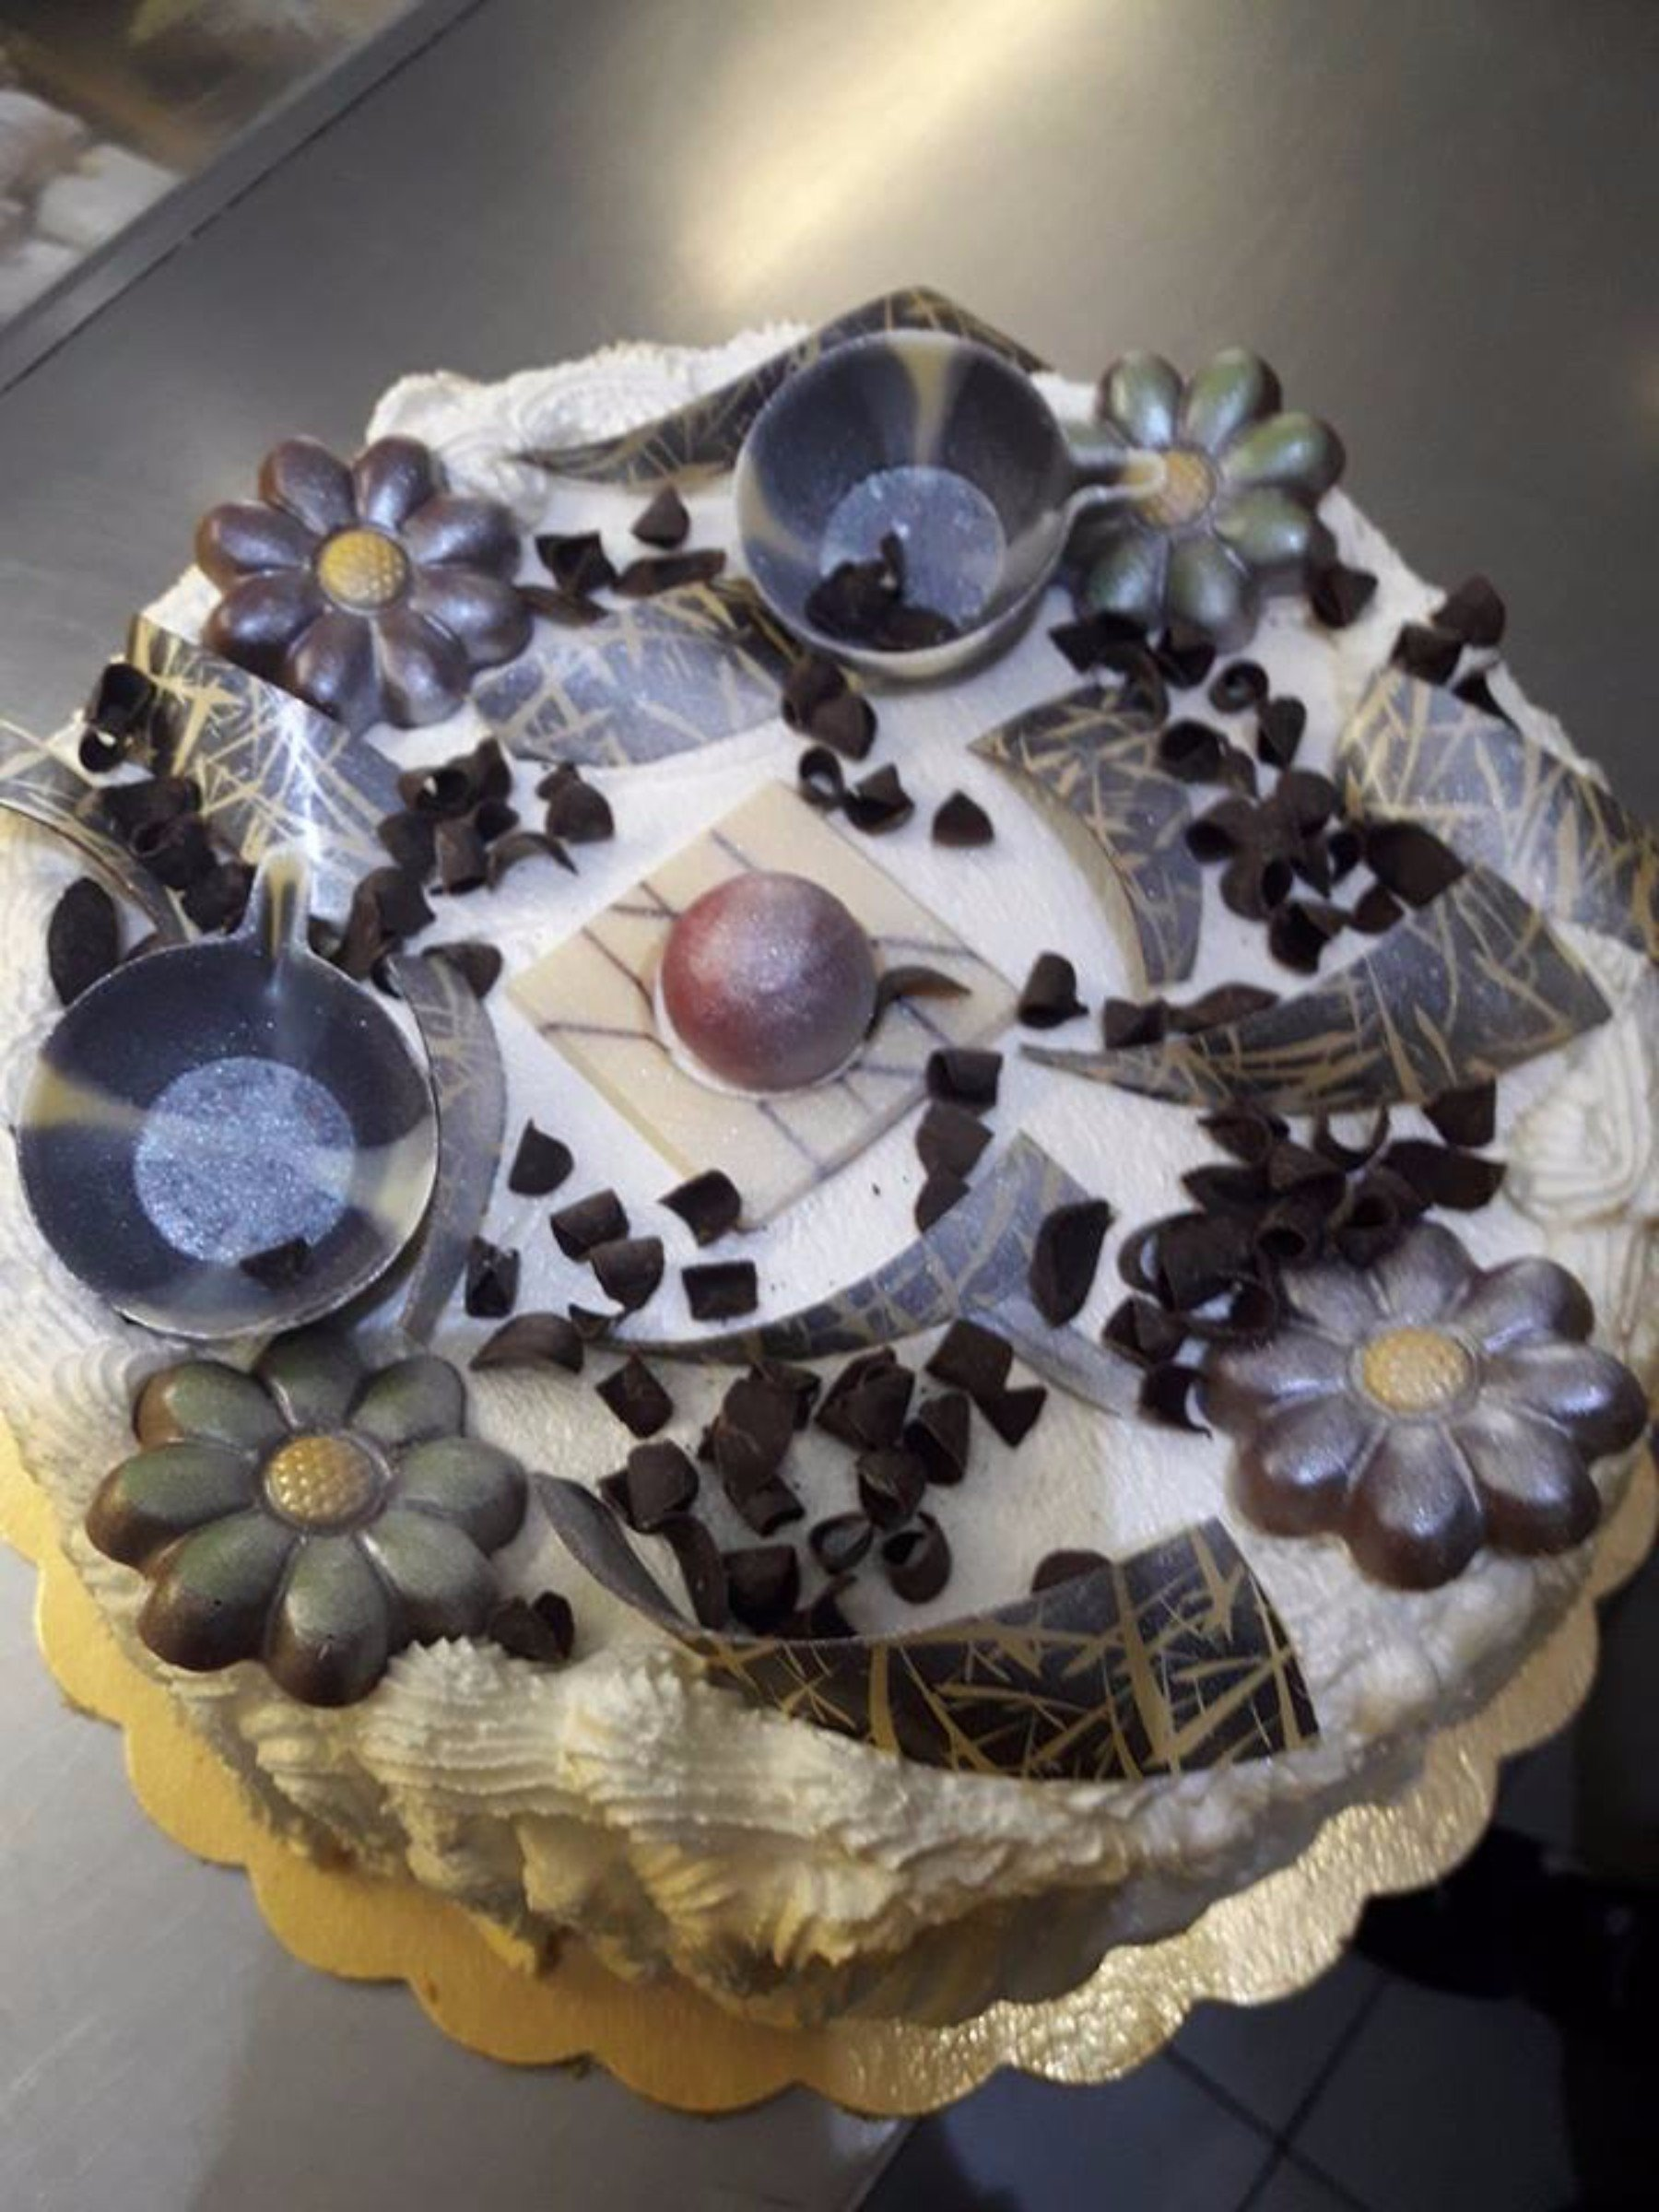 Torta con fiori e vasi in giallo e argentato